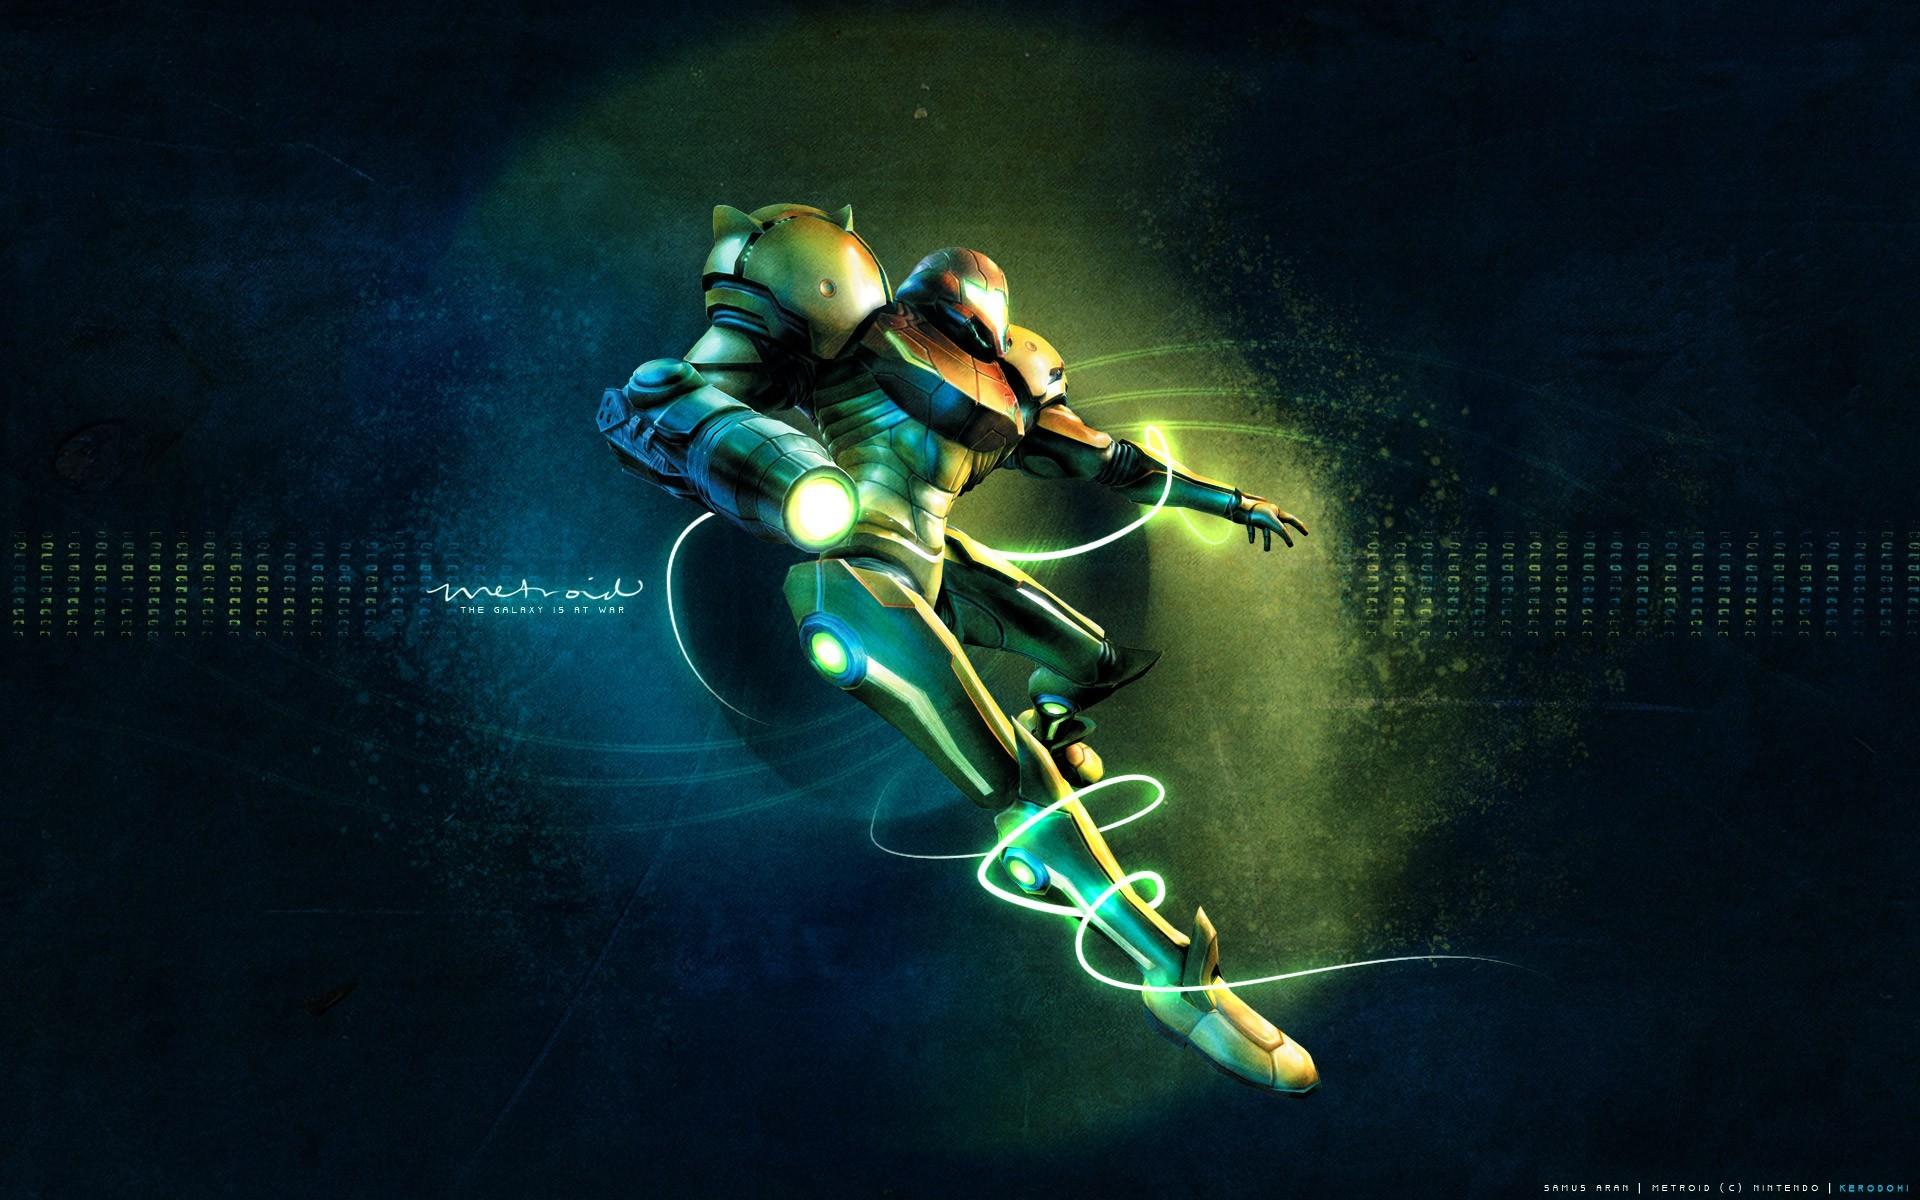 Samus Aran Metroid Prime